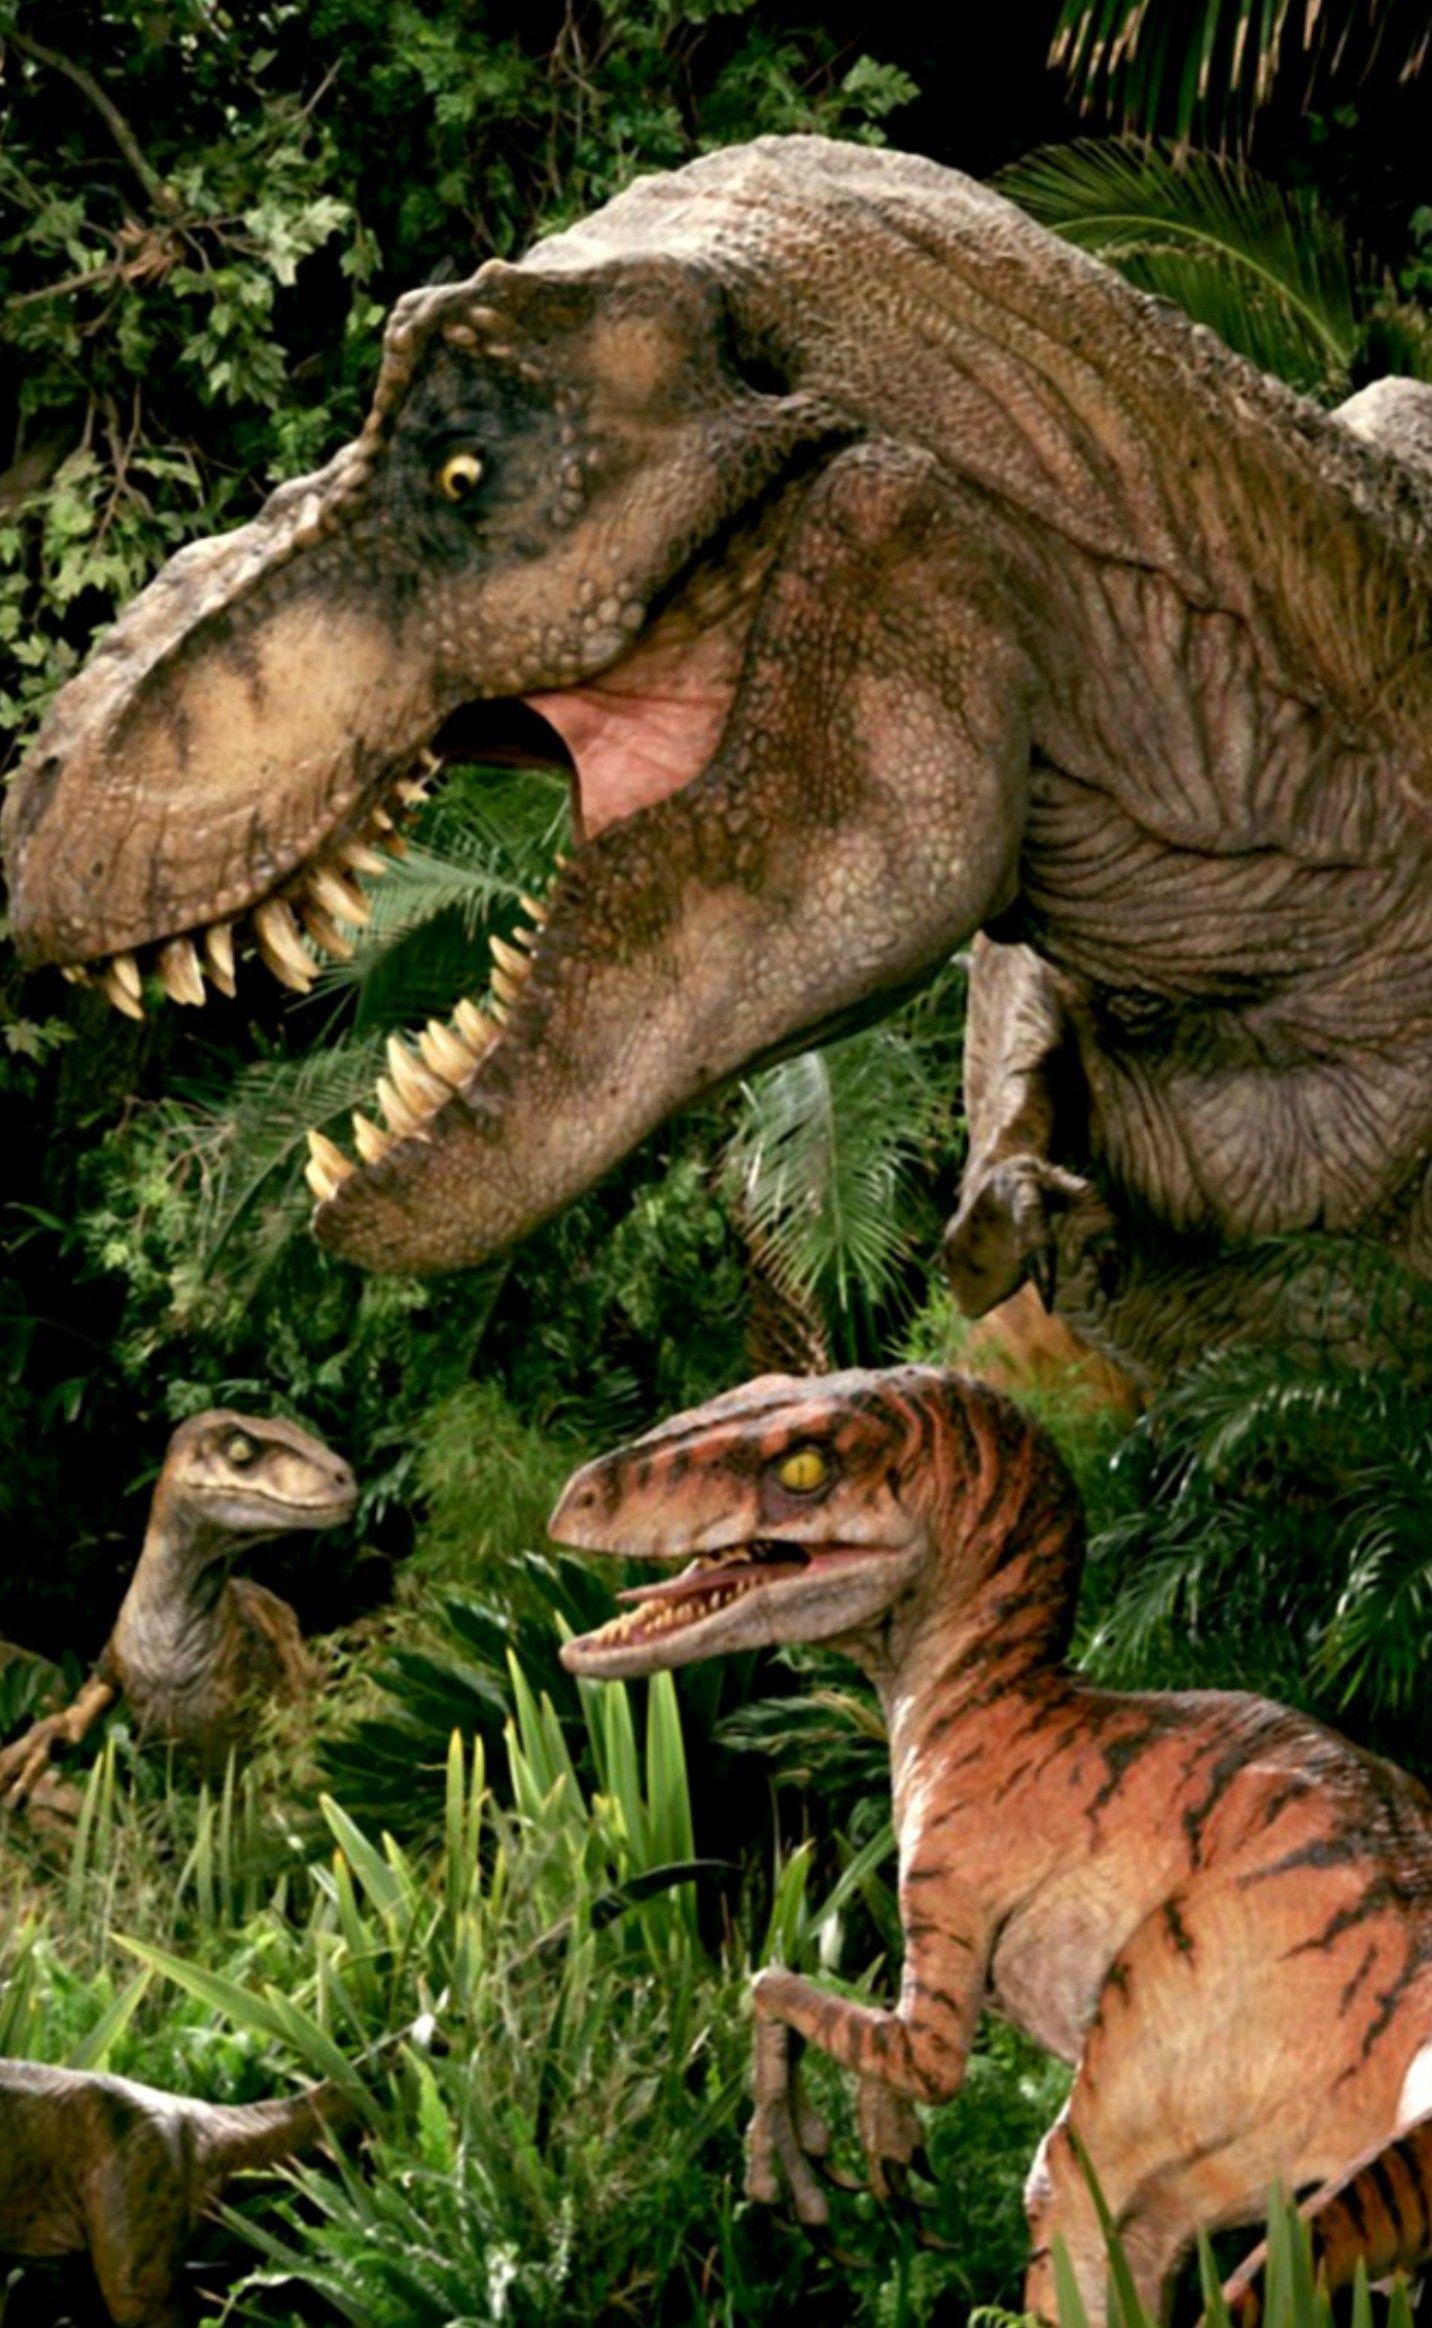 цены покажи мне картинки динозавров пожалуйста сделать серию